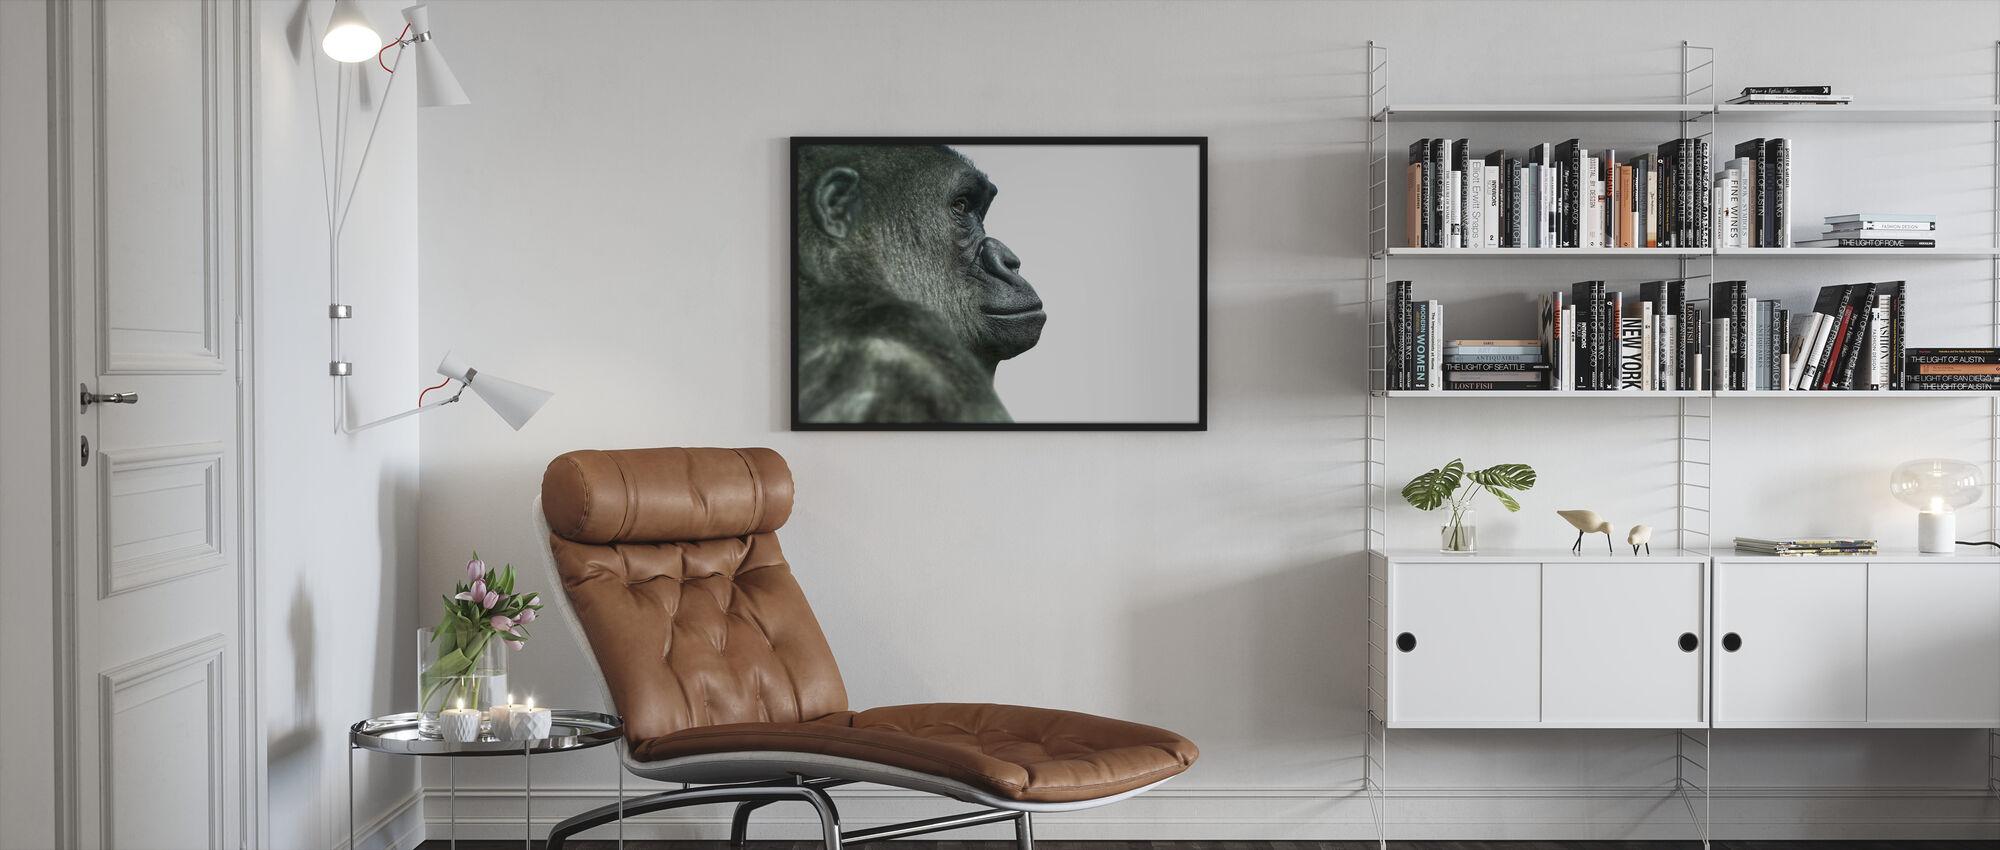 Goryl - Obraz w ramie - Pokój dzienny